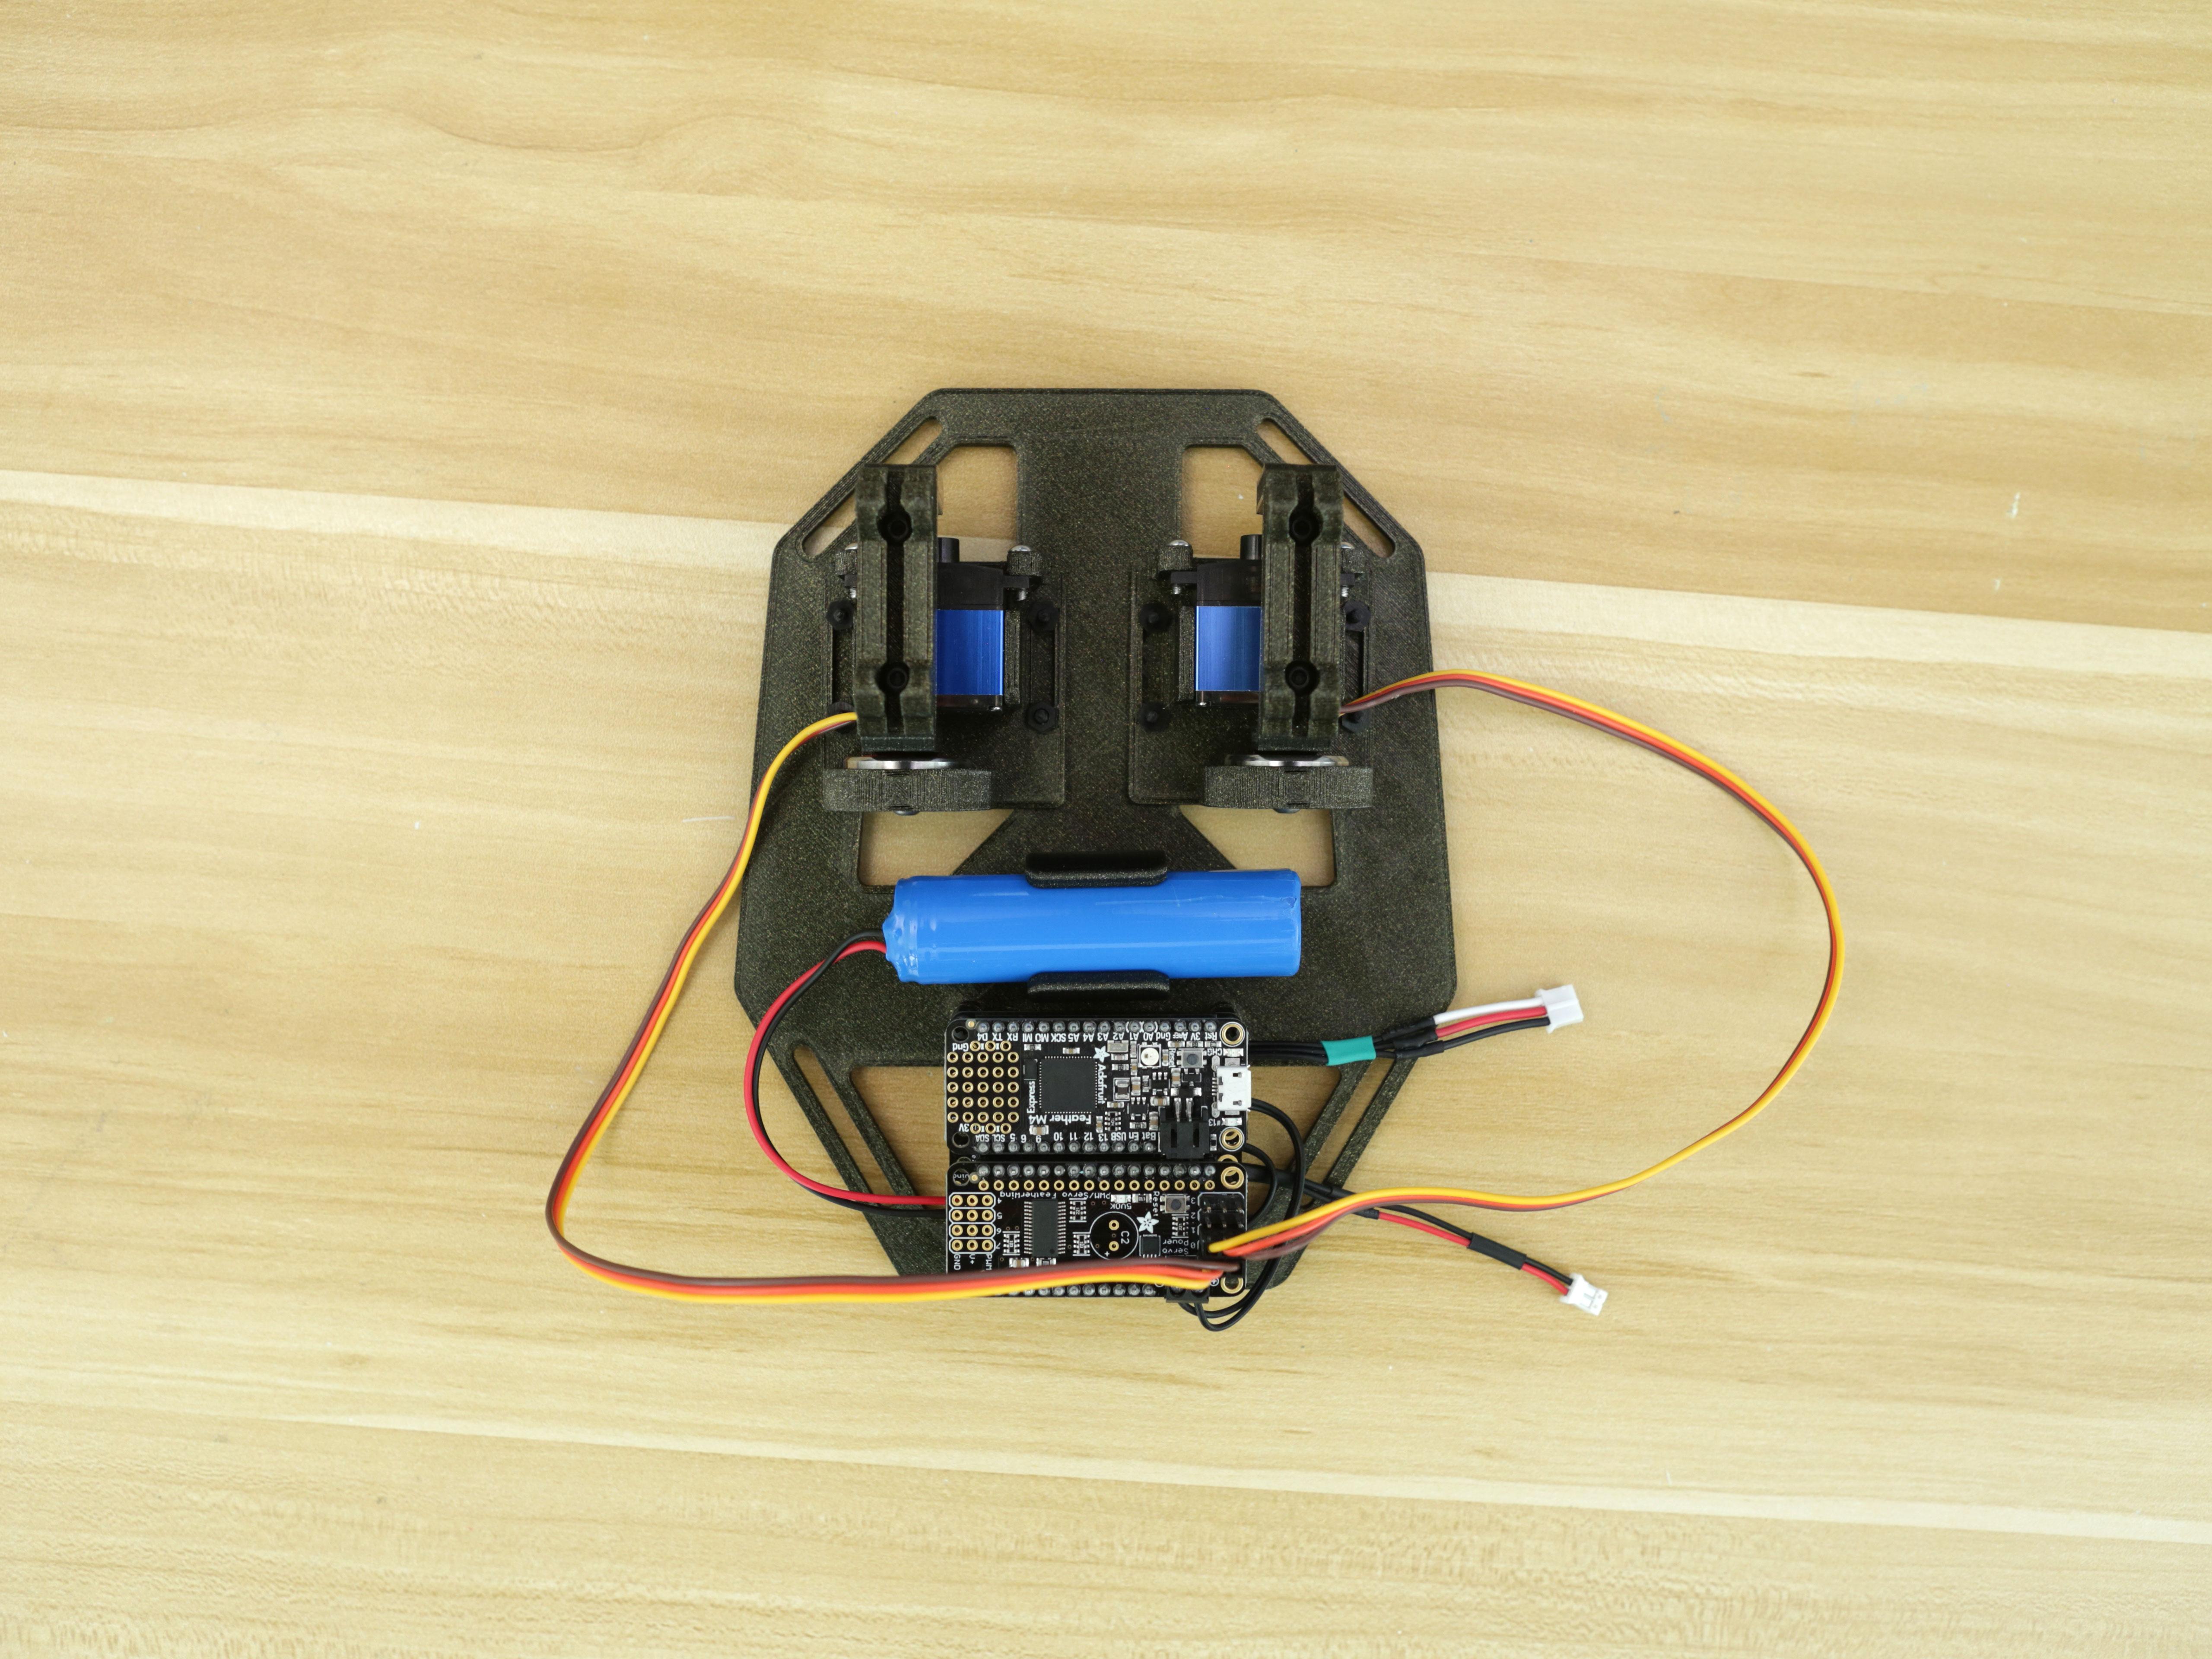 3d_printing_servowing-motors-connected.jpg